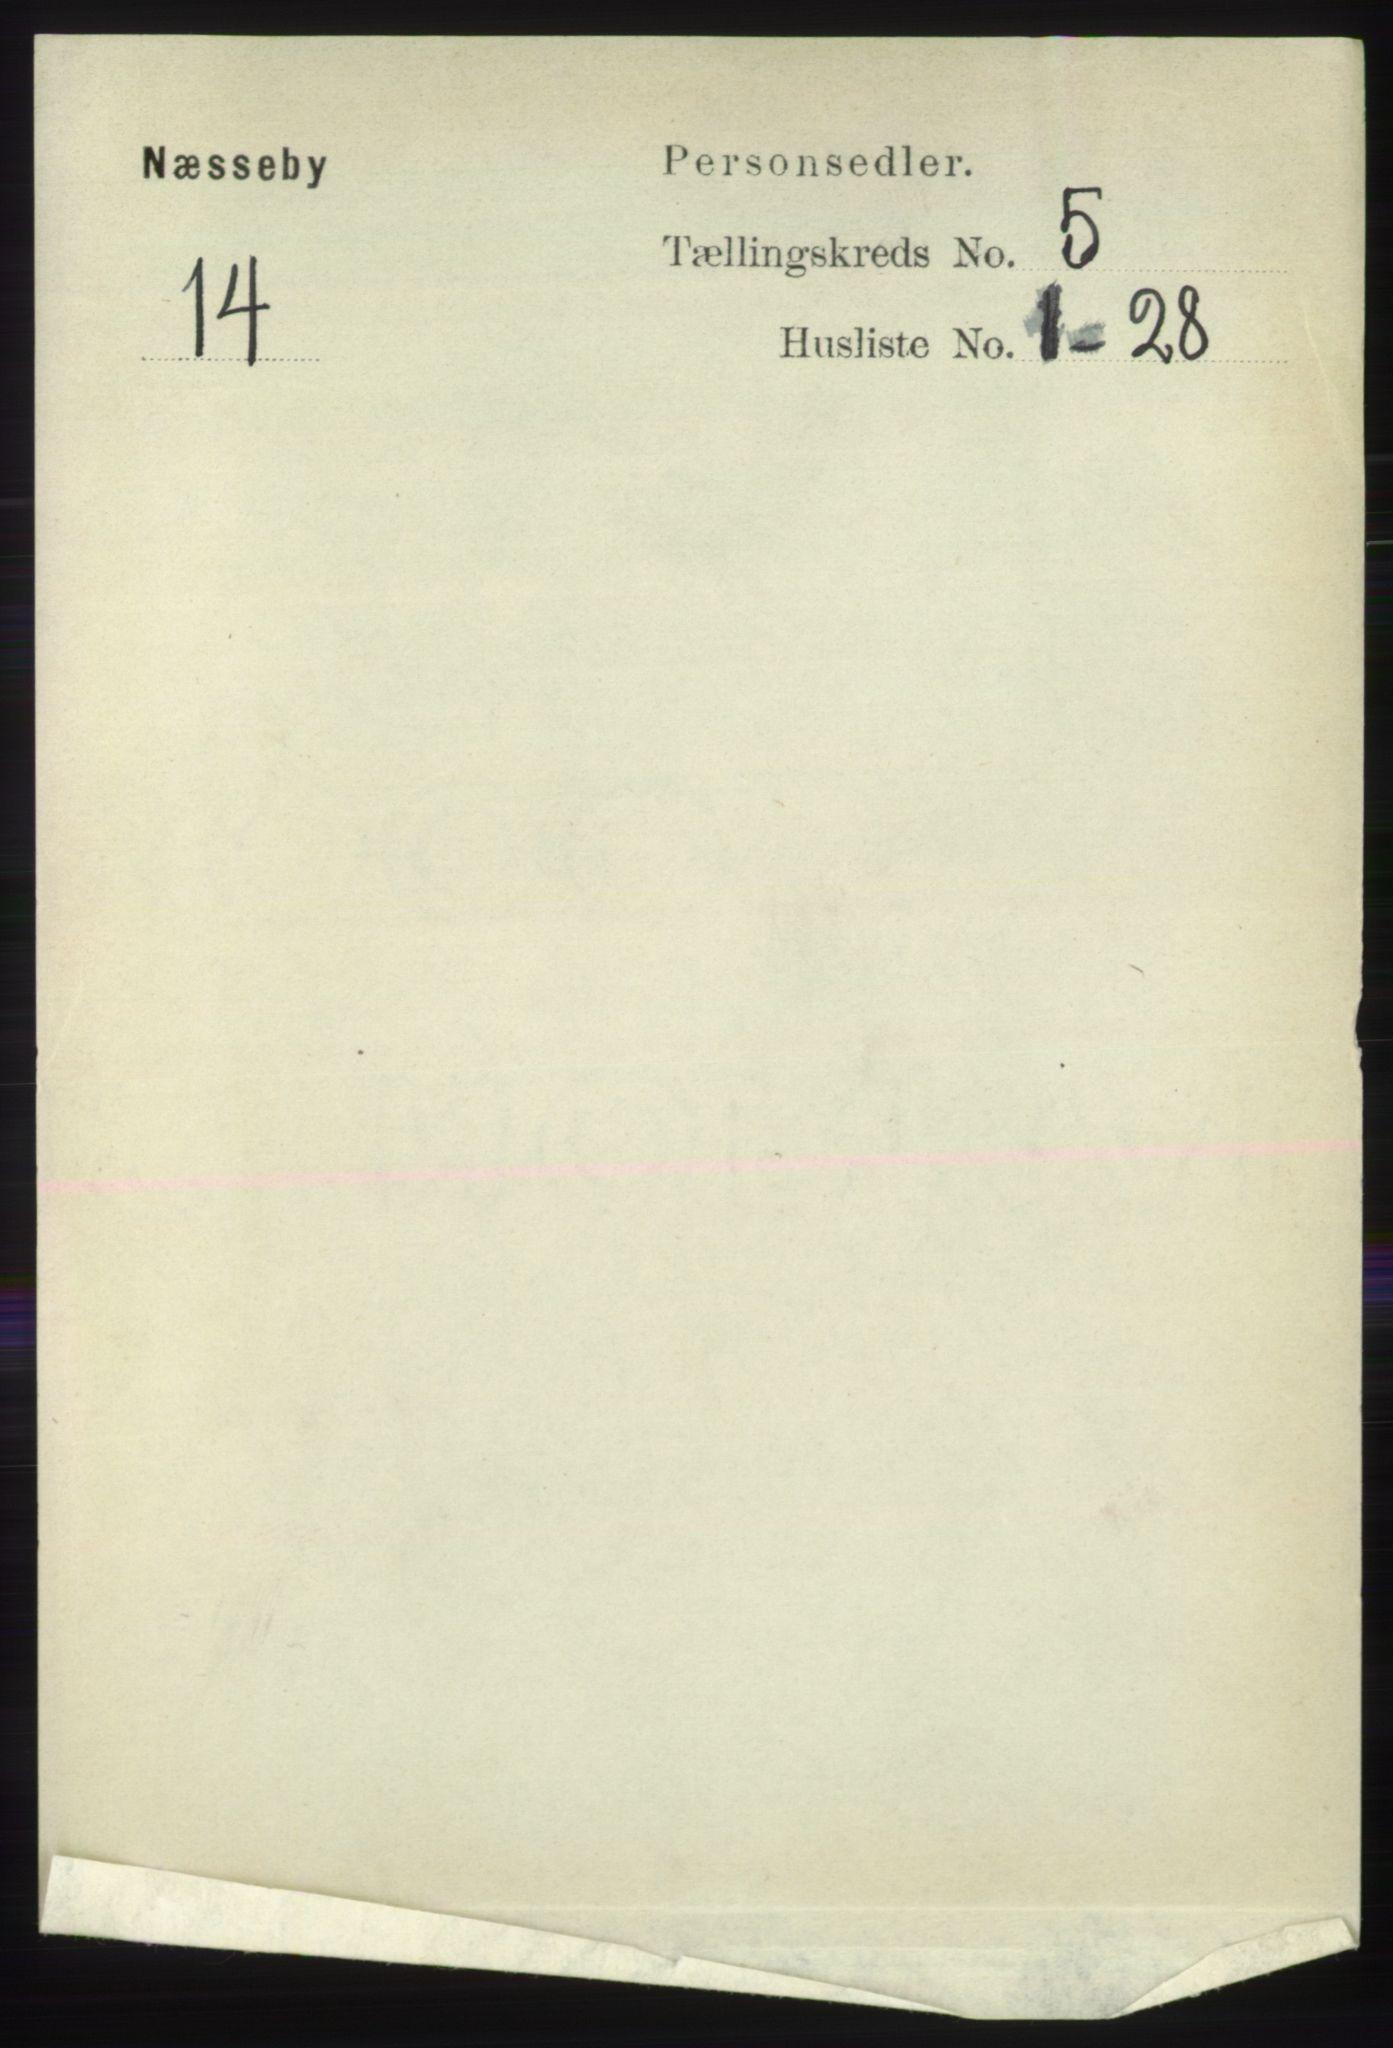 RA, Folketelling 1891 for 2027 Nesseby herred, 1891, s. 1453